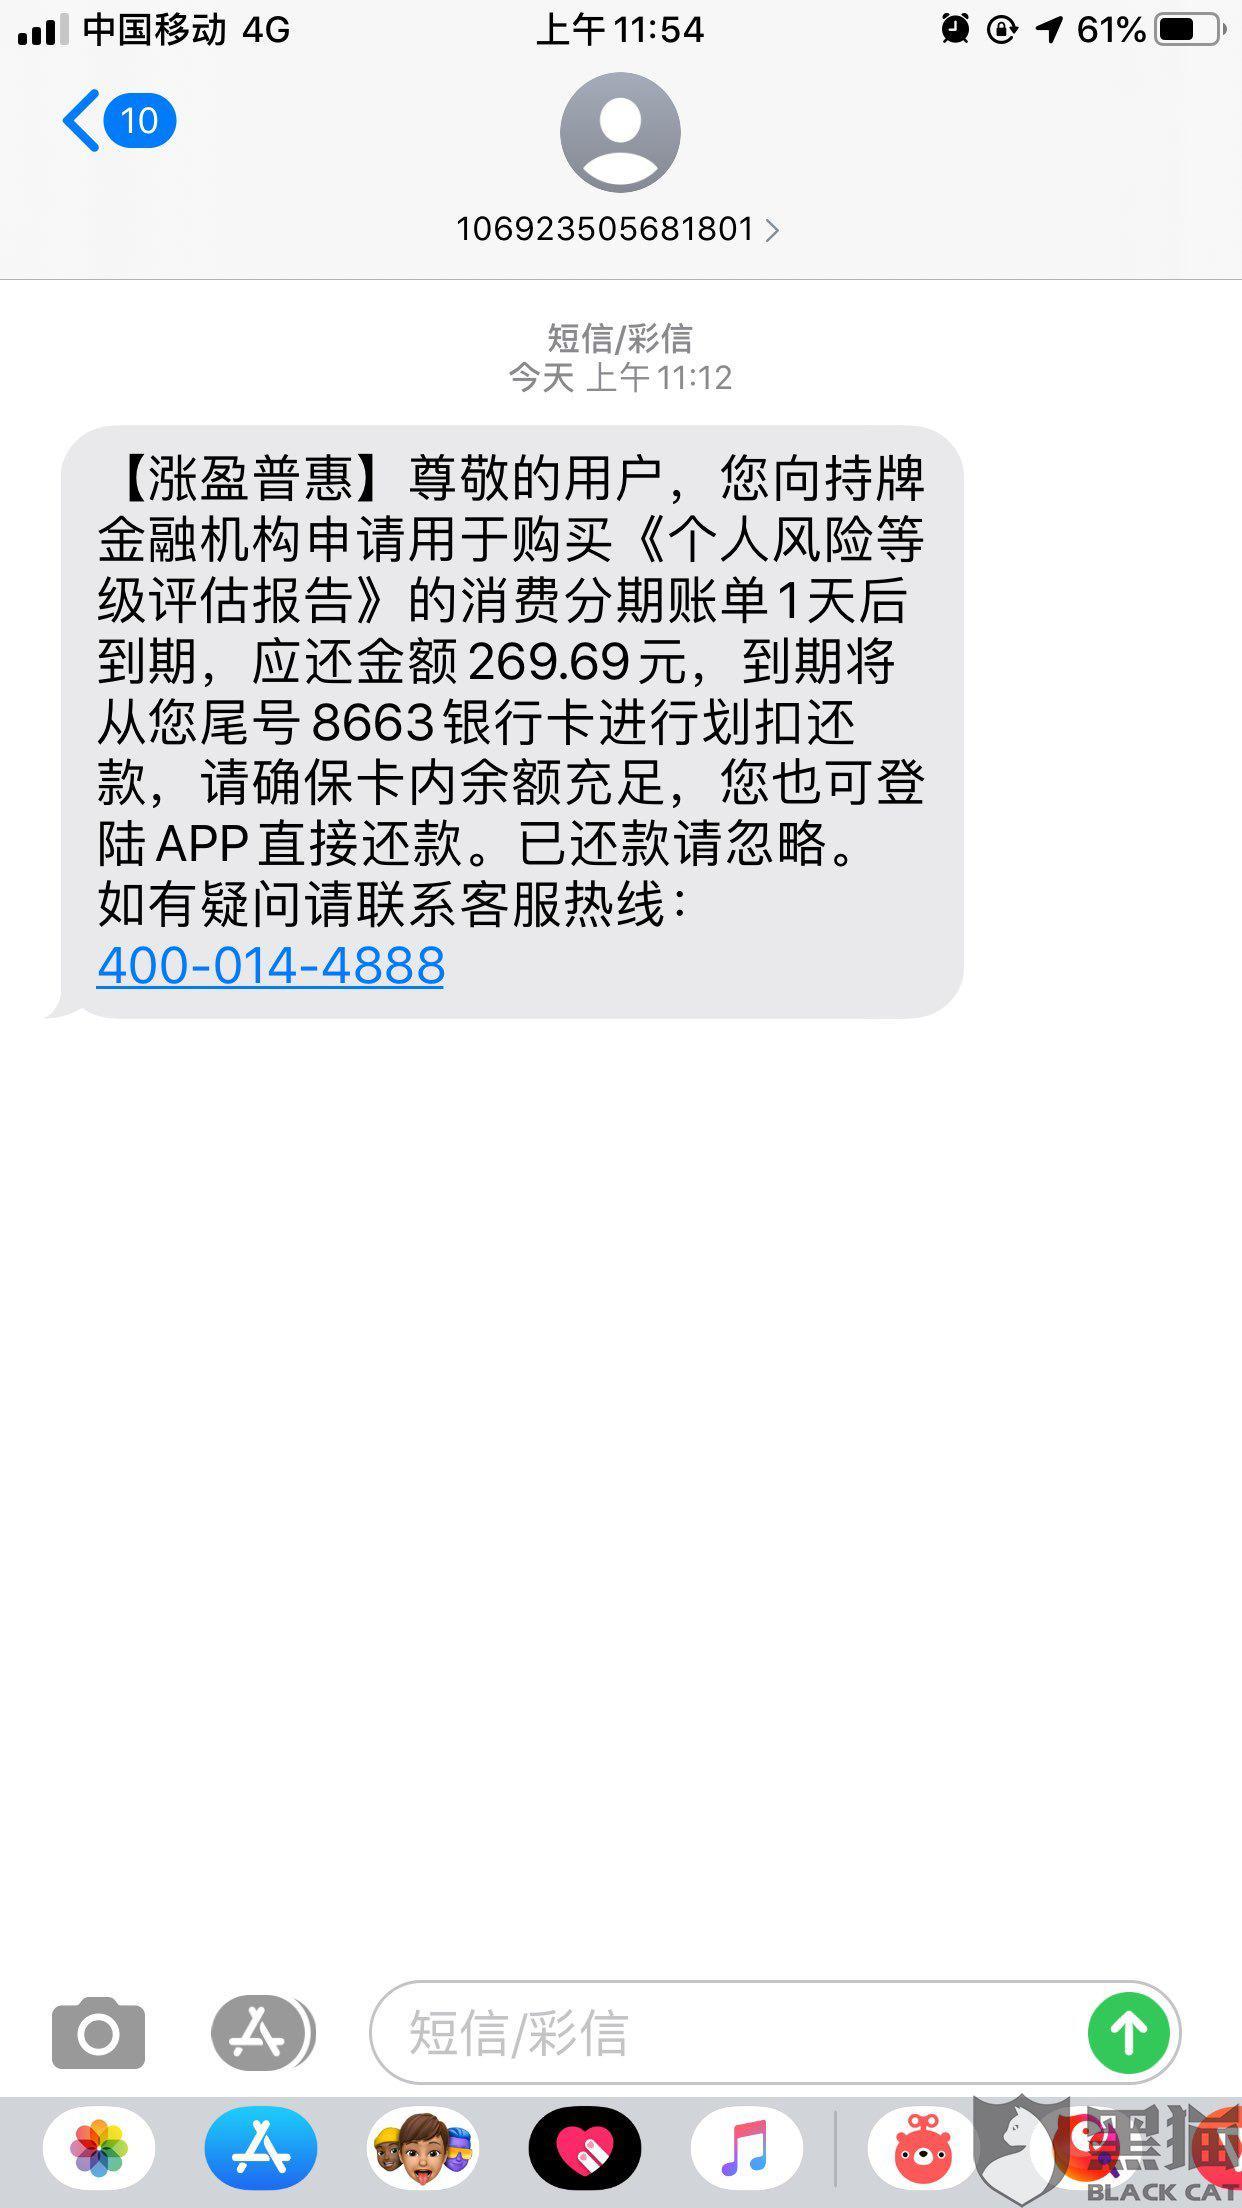 黑猫投诉:涨盈惠普无故扣款